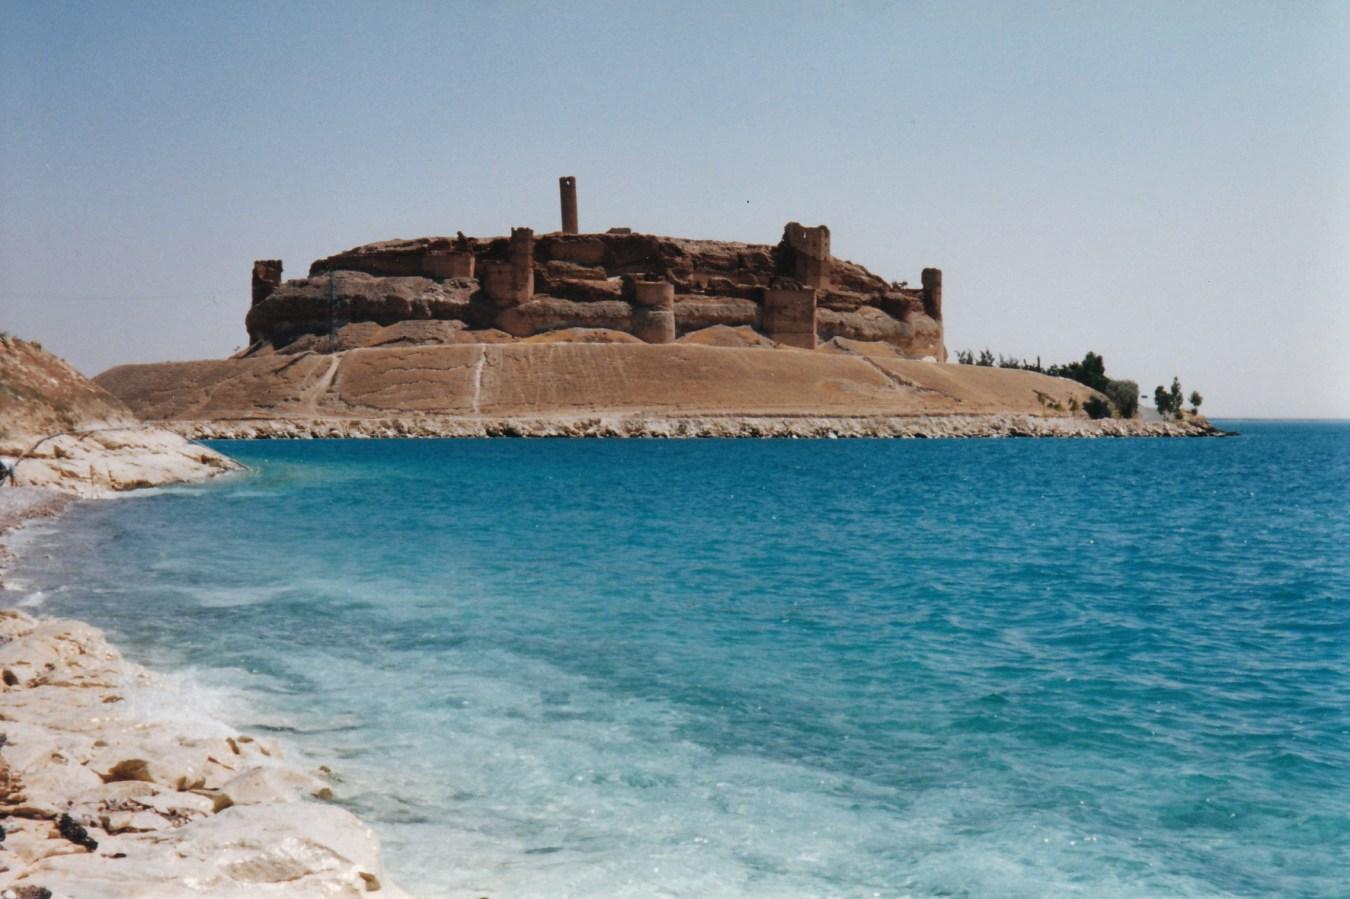 Abu Hureyra - Qal'at Ja'batl and Lake Assad